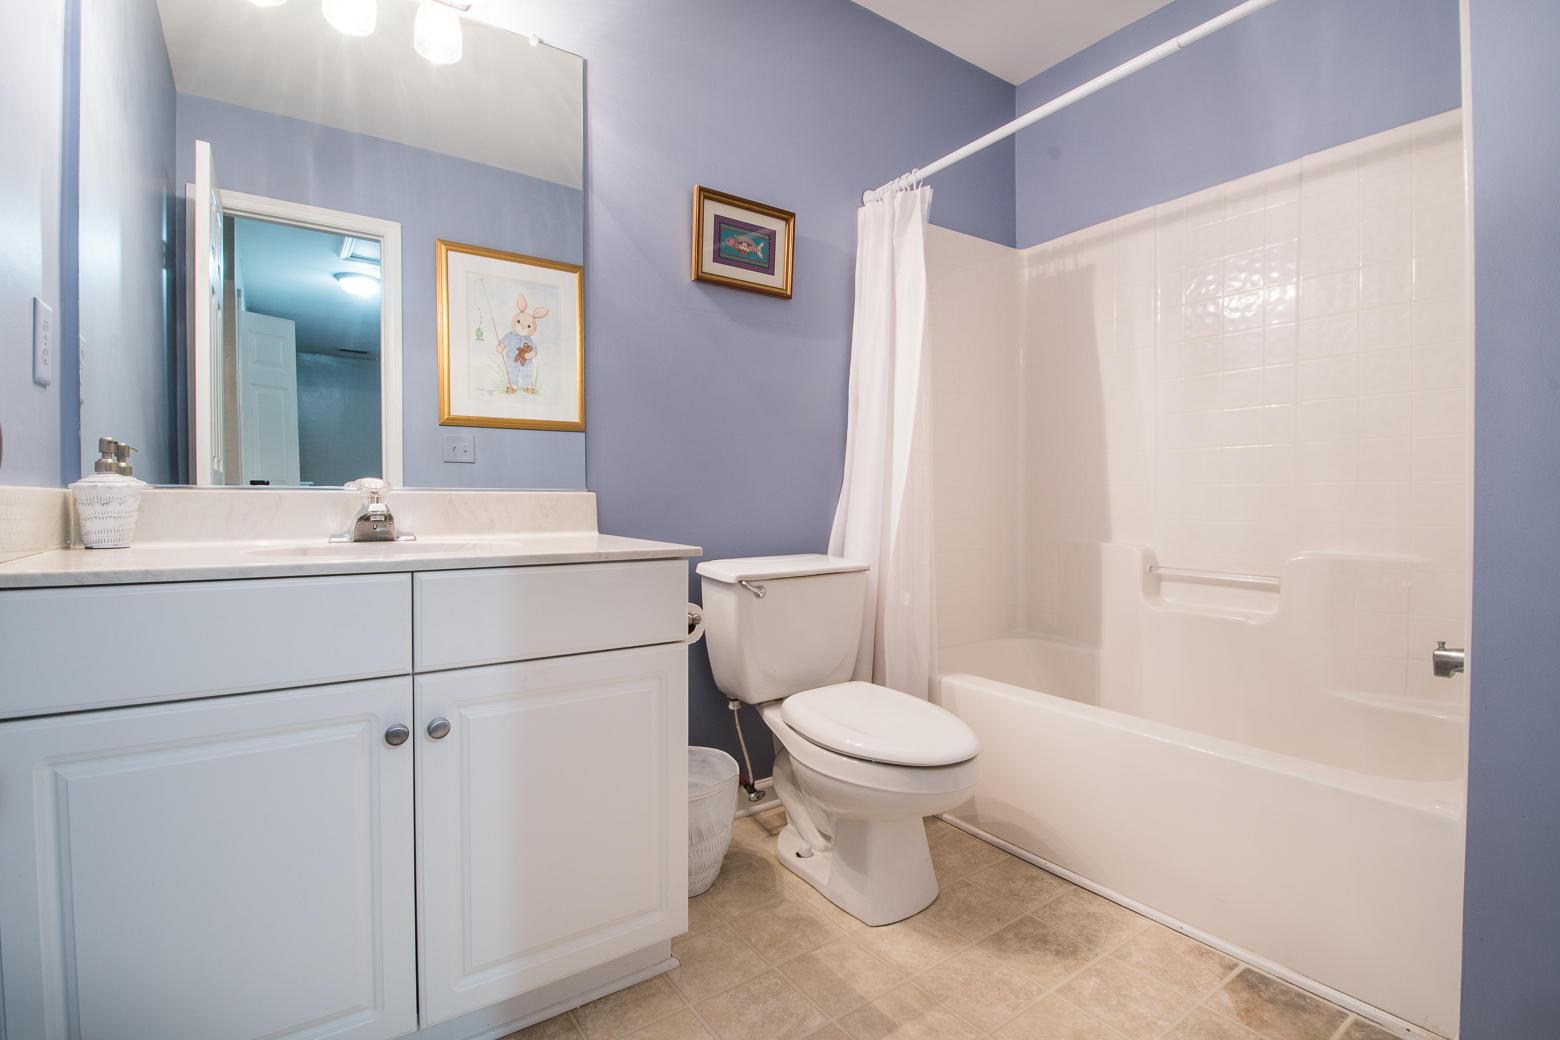 Jamestowne Village Homes For Sale - 1445 Swamp Fox, Charleston, SC - 27